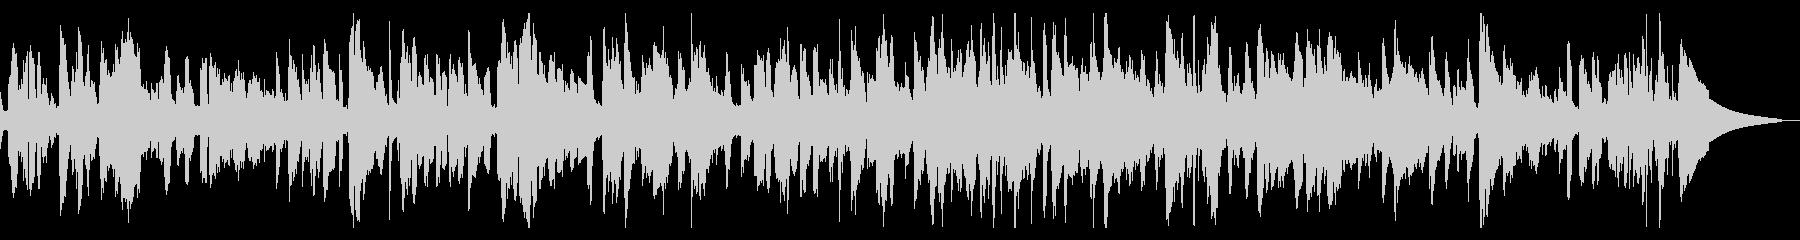 サックスメロディのスローバラードジャズの未再生の波形